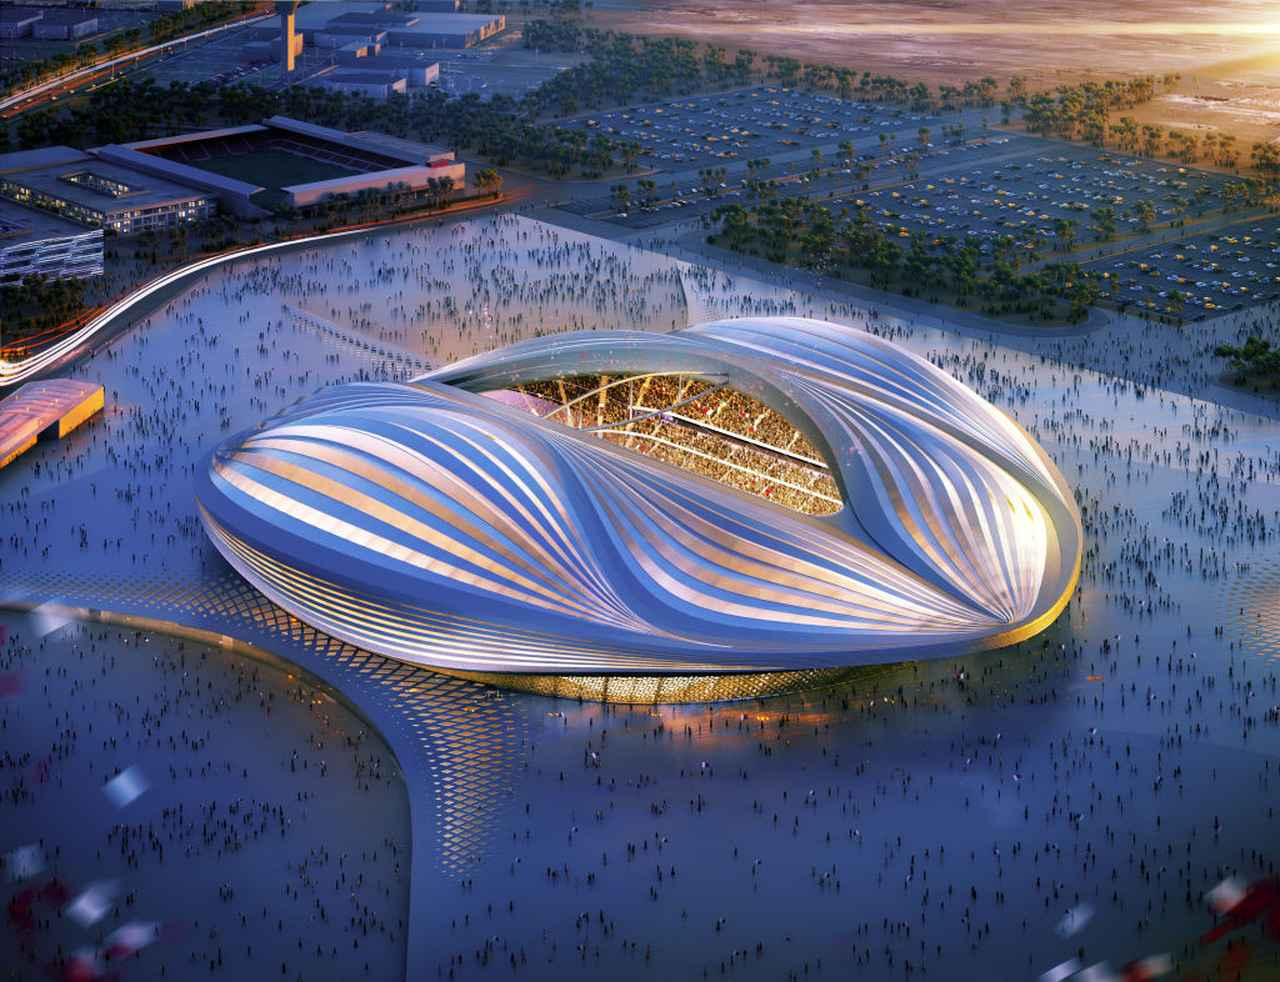 画像: アル・ワクラ・スタジアムの構想図。元は収容人数2万人だったがW杯に合わせて4万人収容できるスタジアムへと生まれ変わった。